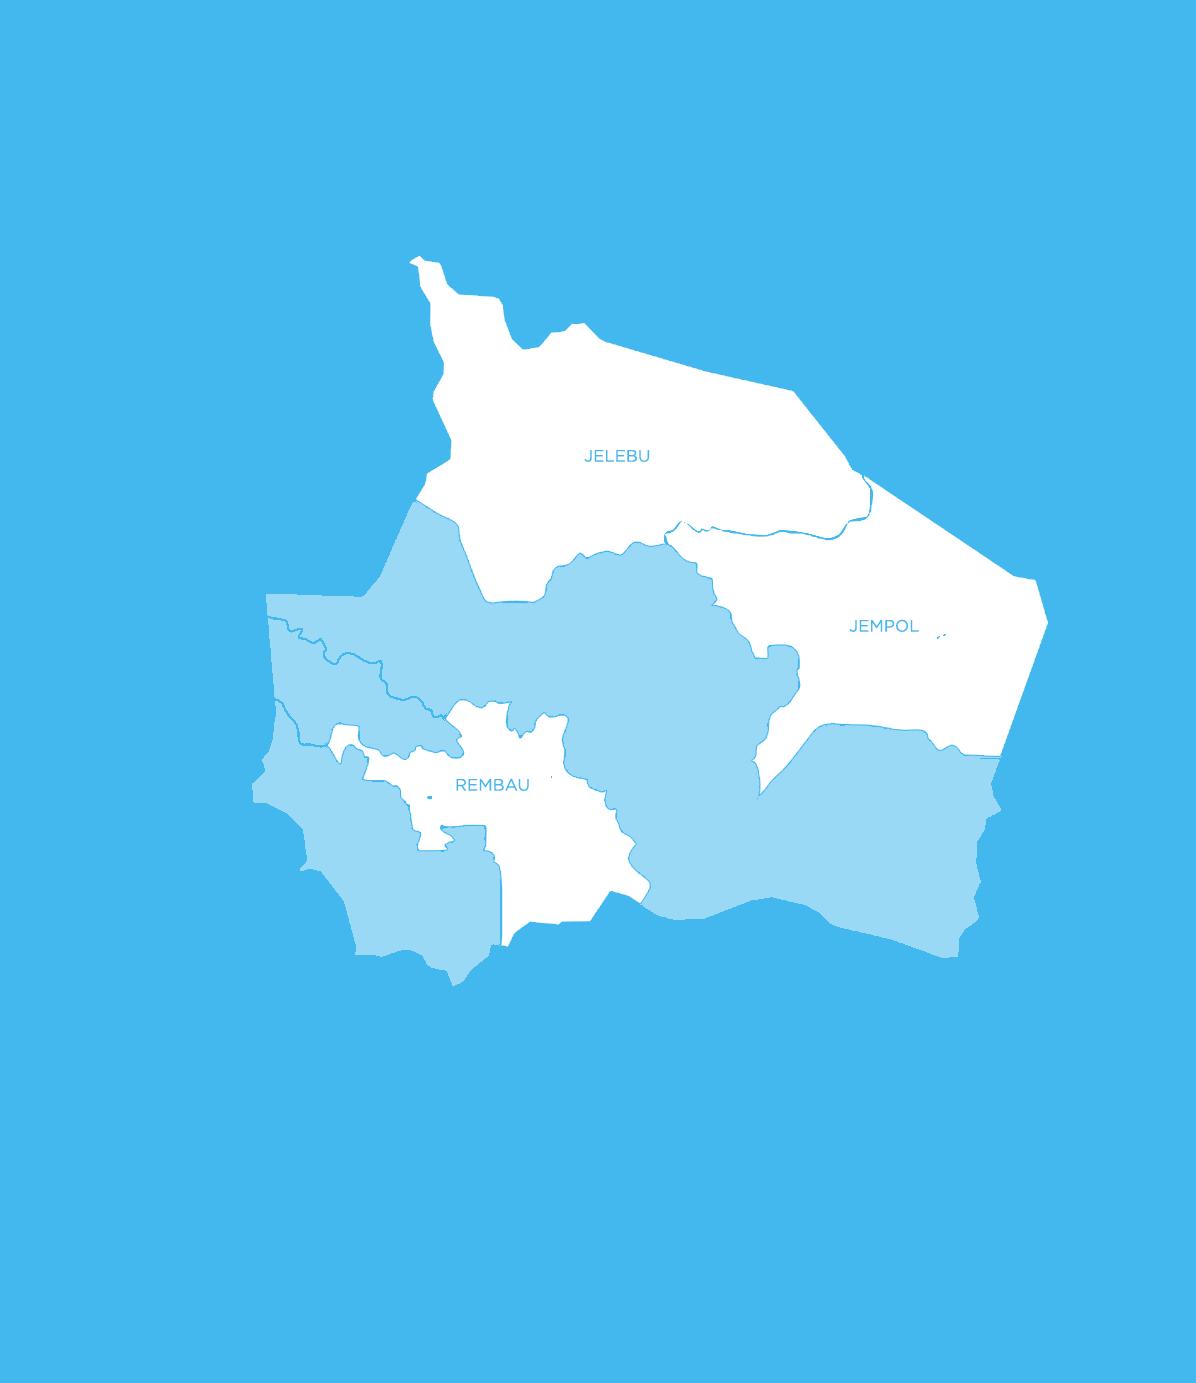 Koridor Selatan : Negeri Sembilan